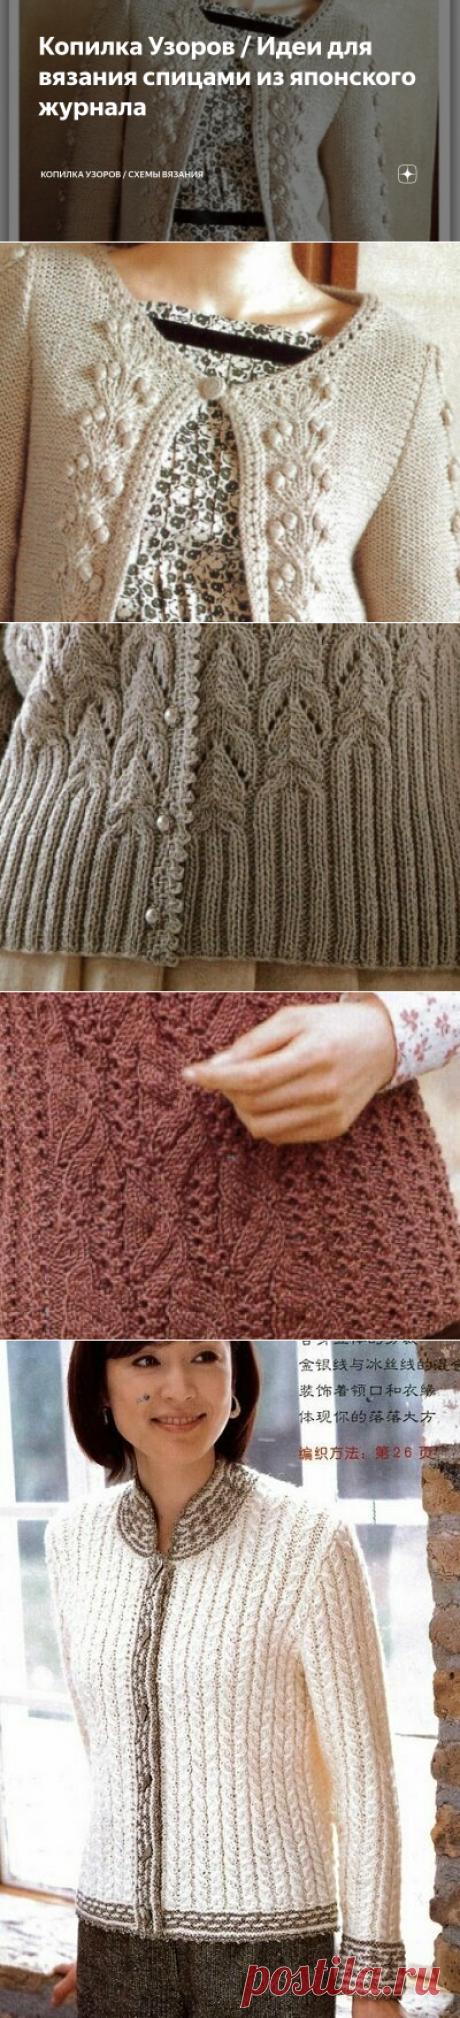 Копилка Узоров / Идеи для вязания спицами из японского журнала | Копилка Узоров / схемы вязания | Яндекс Дзен